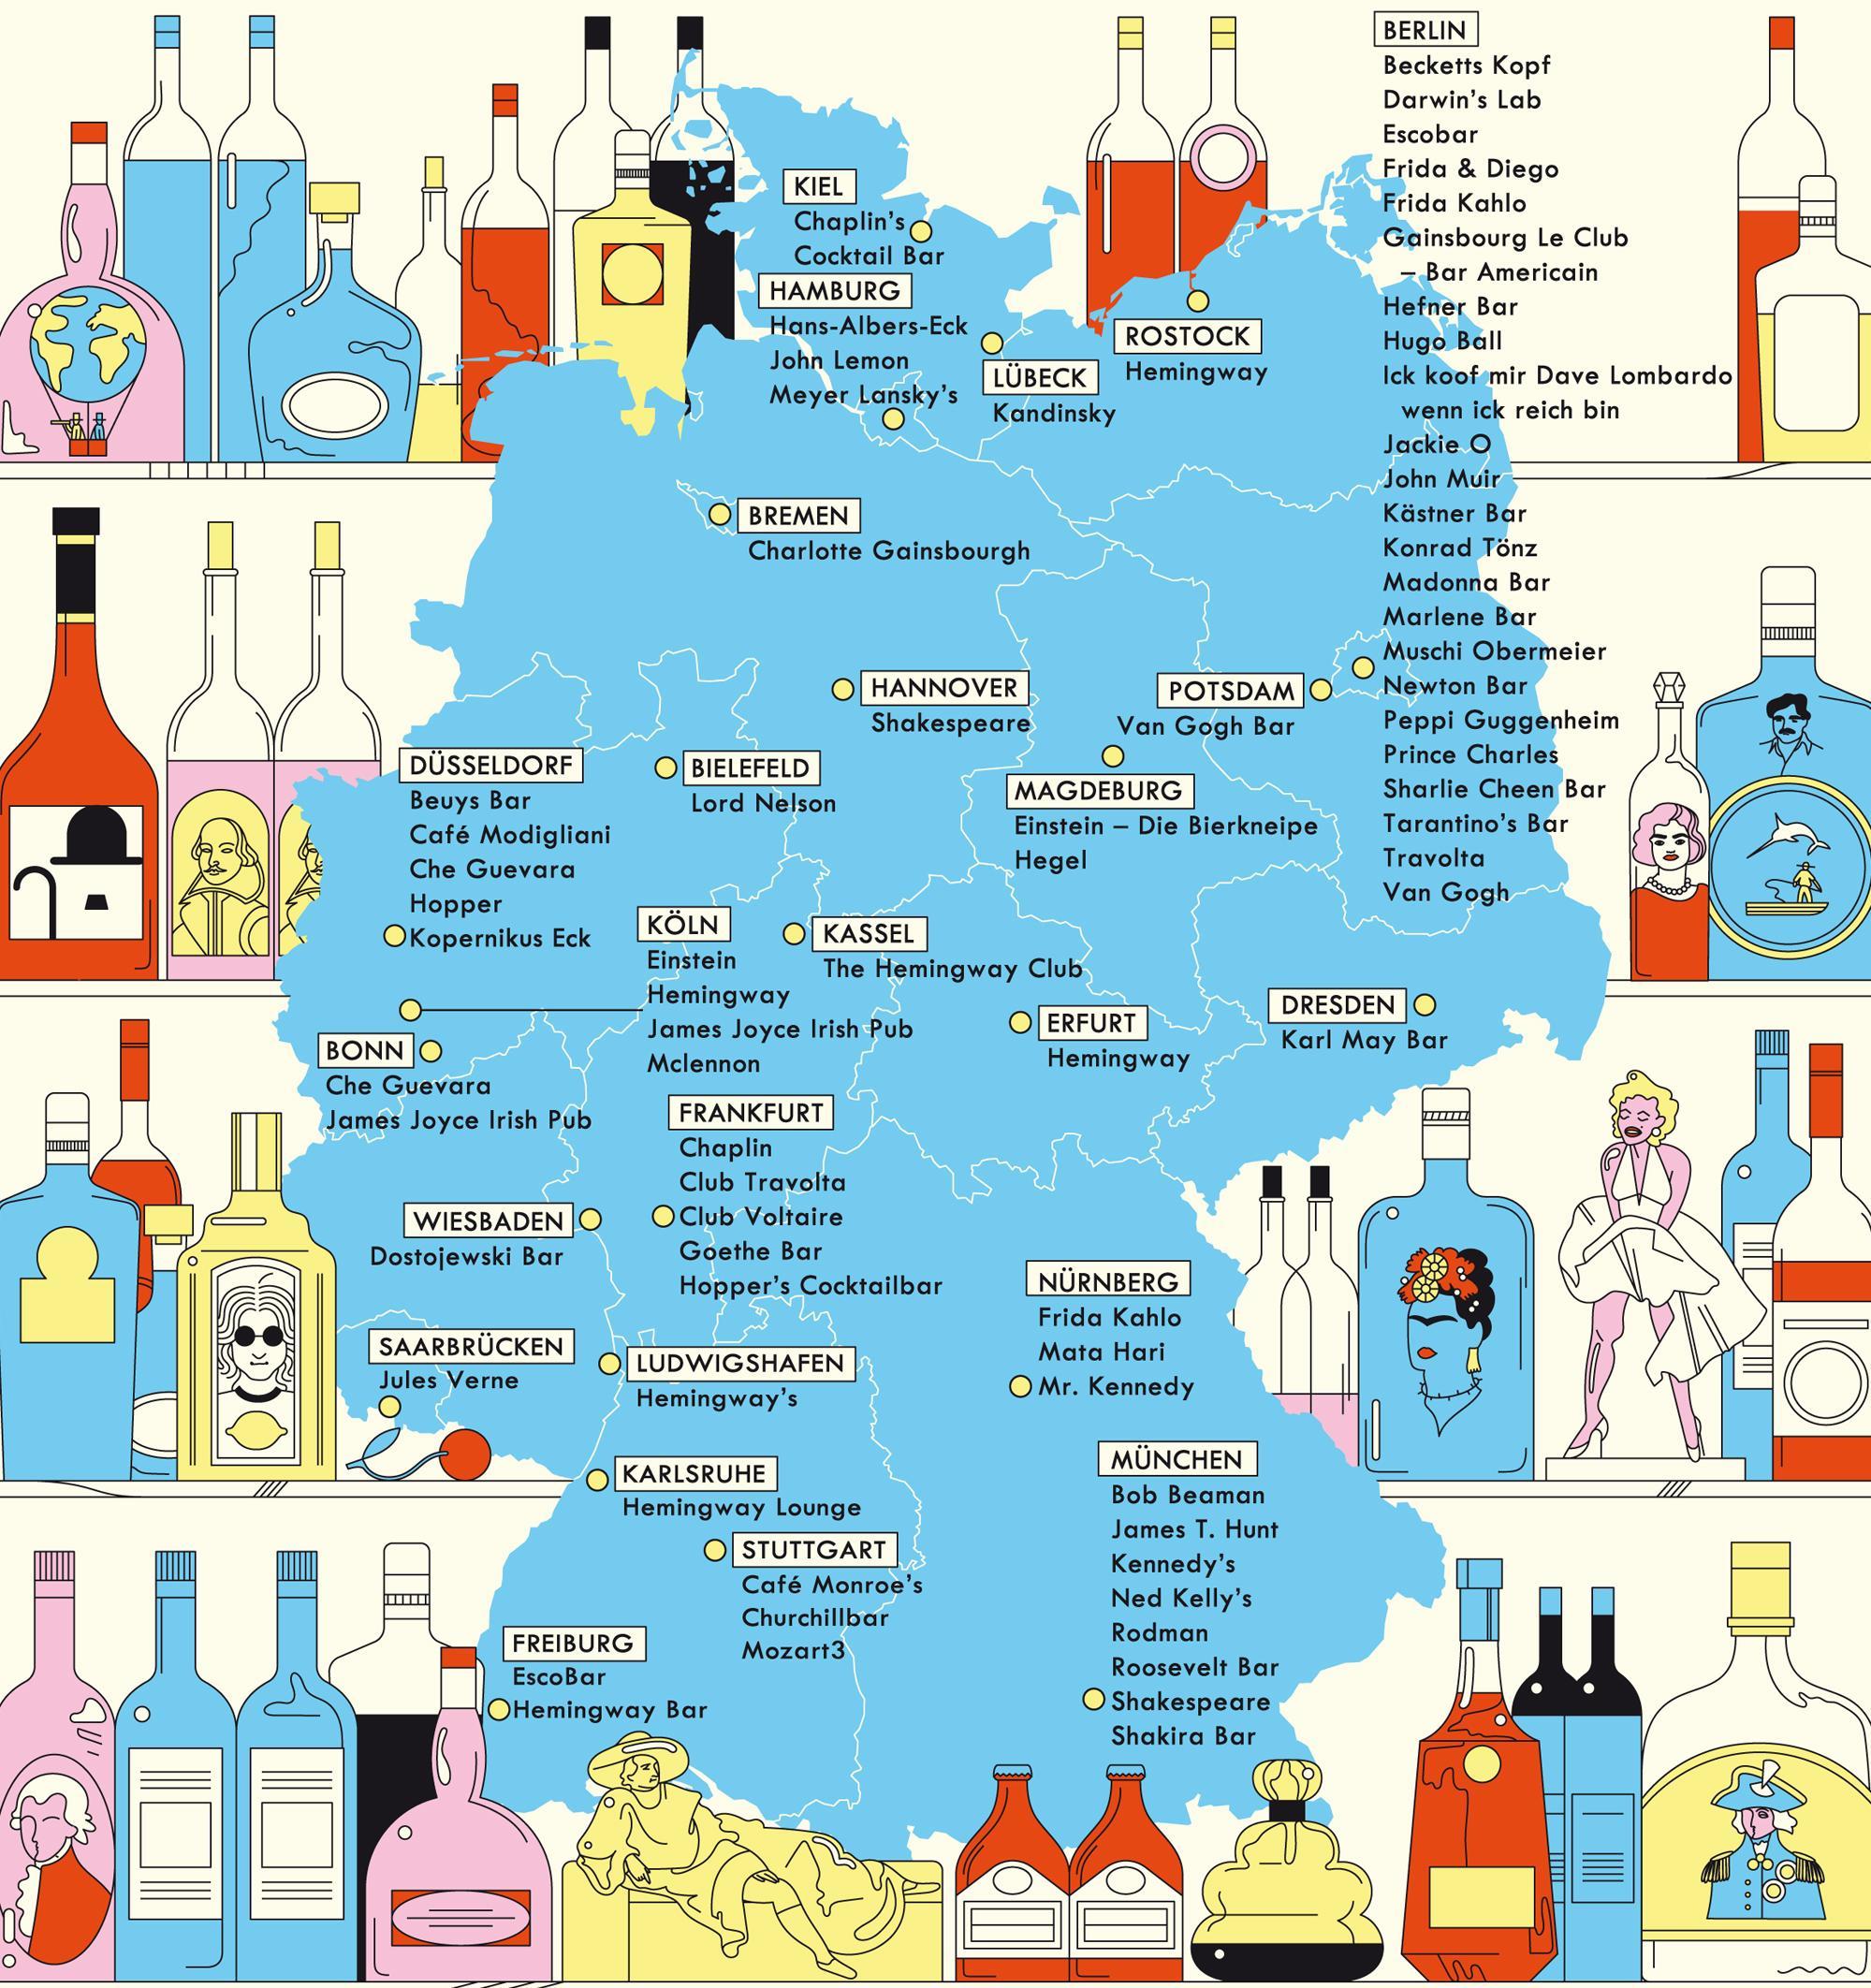 Deutschlandkarte: Lokale, die nach Prominenten benannt sind